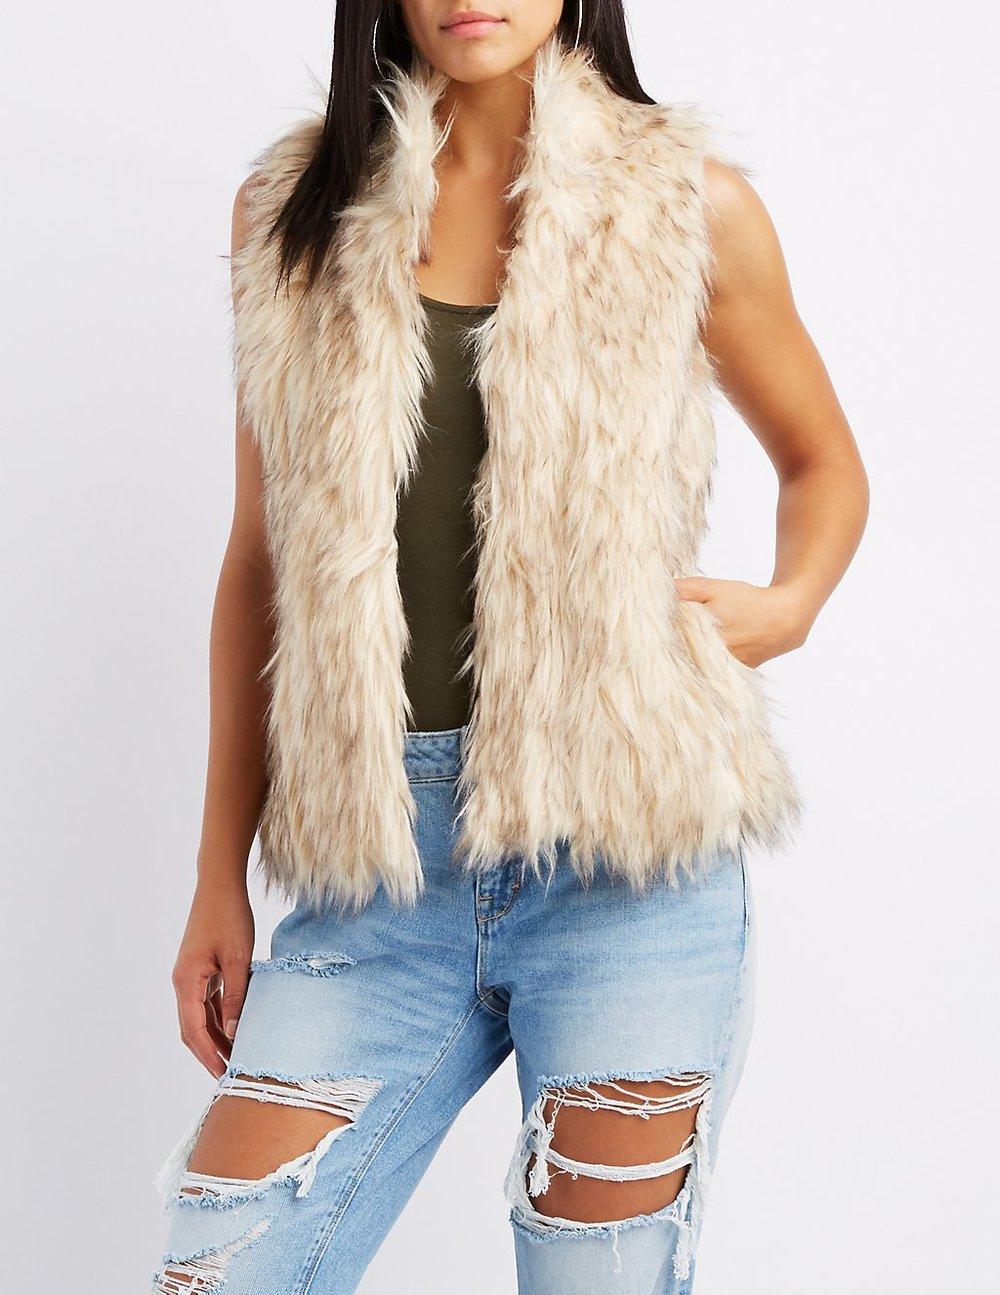 black friday sales charlotte russe fur vest